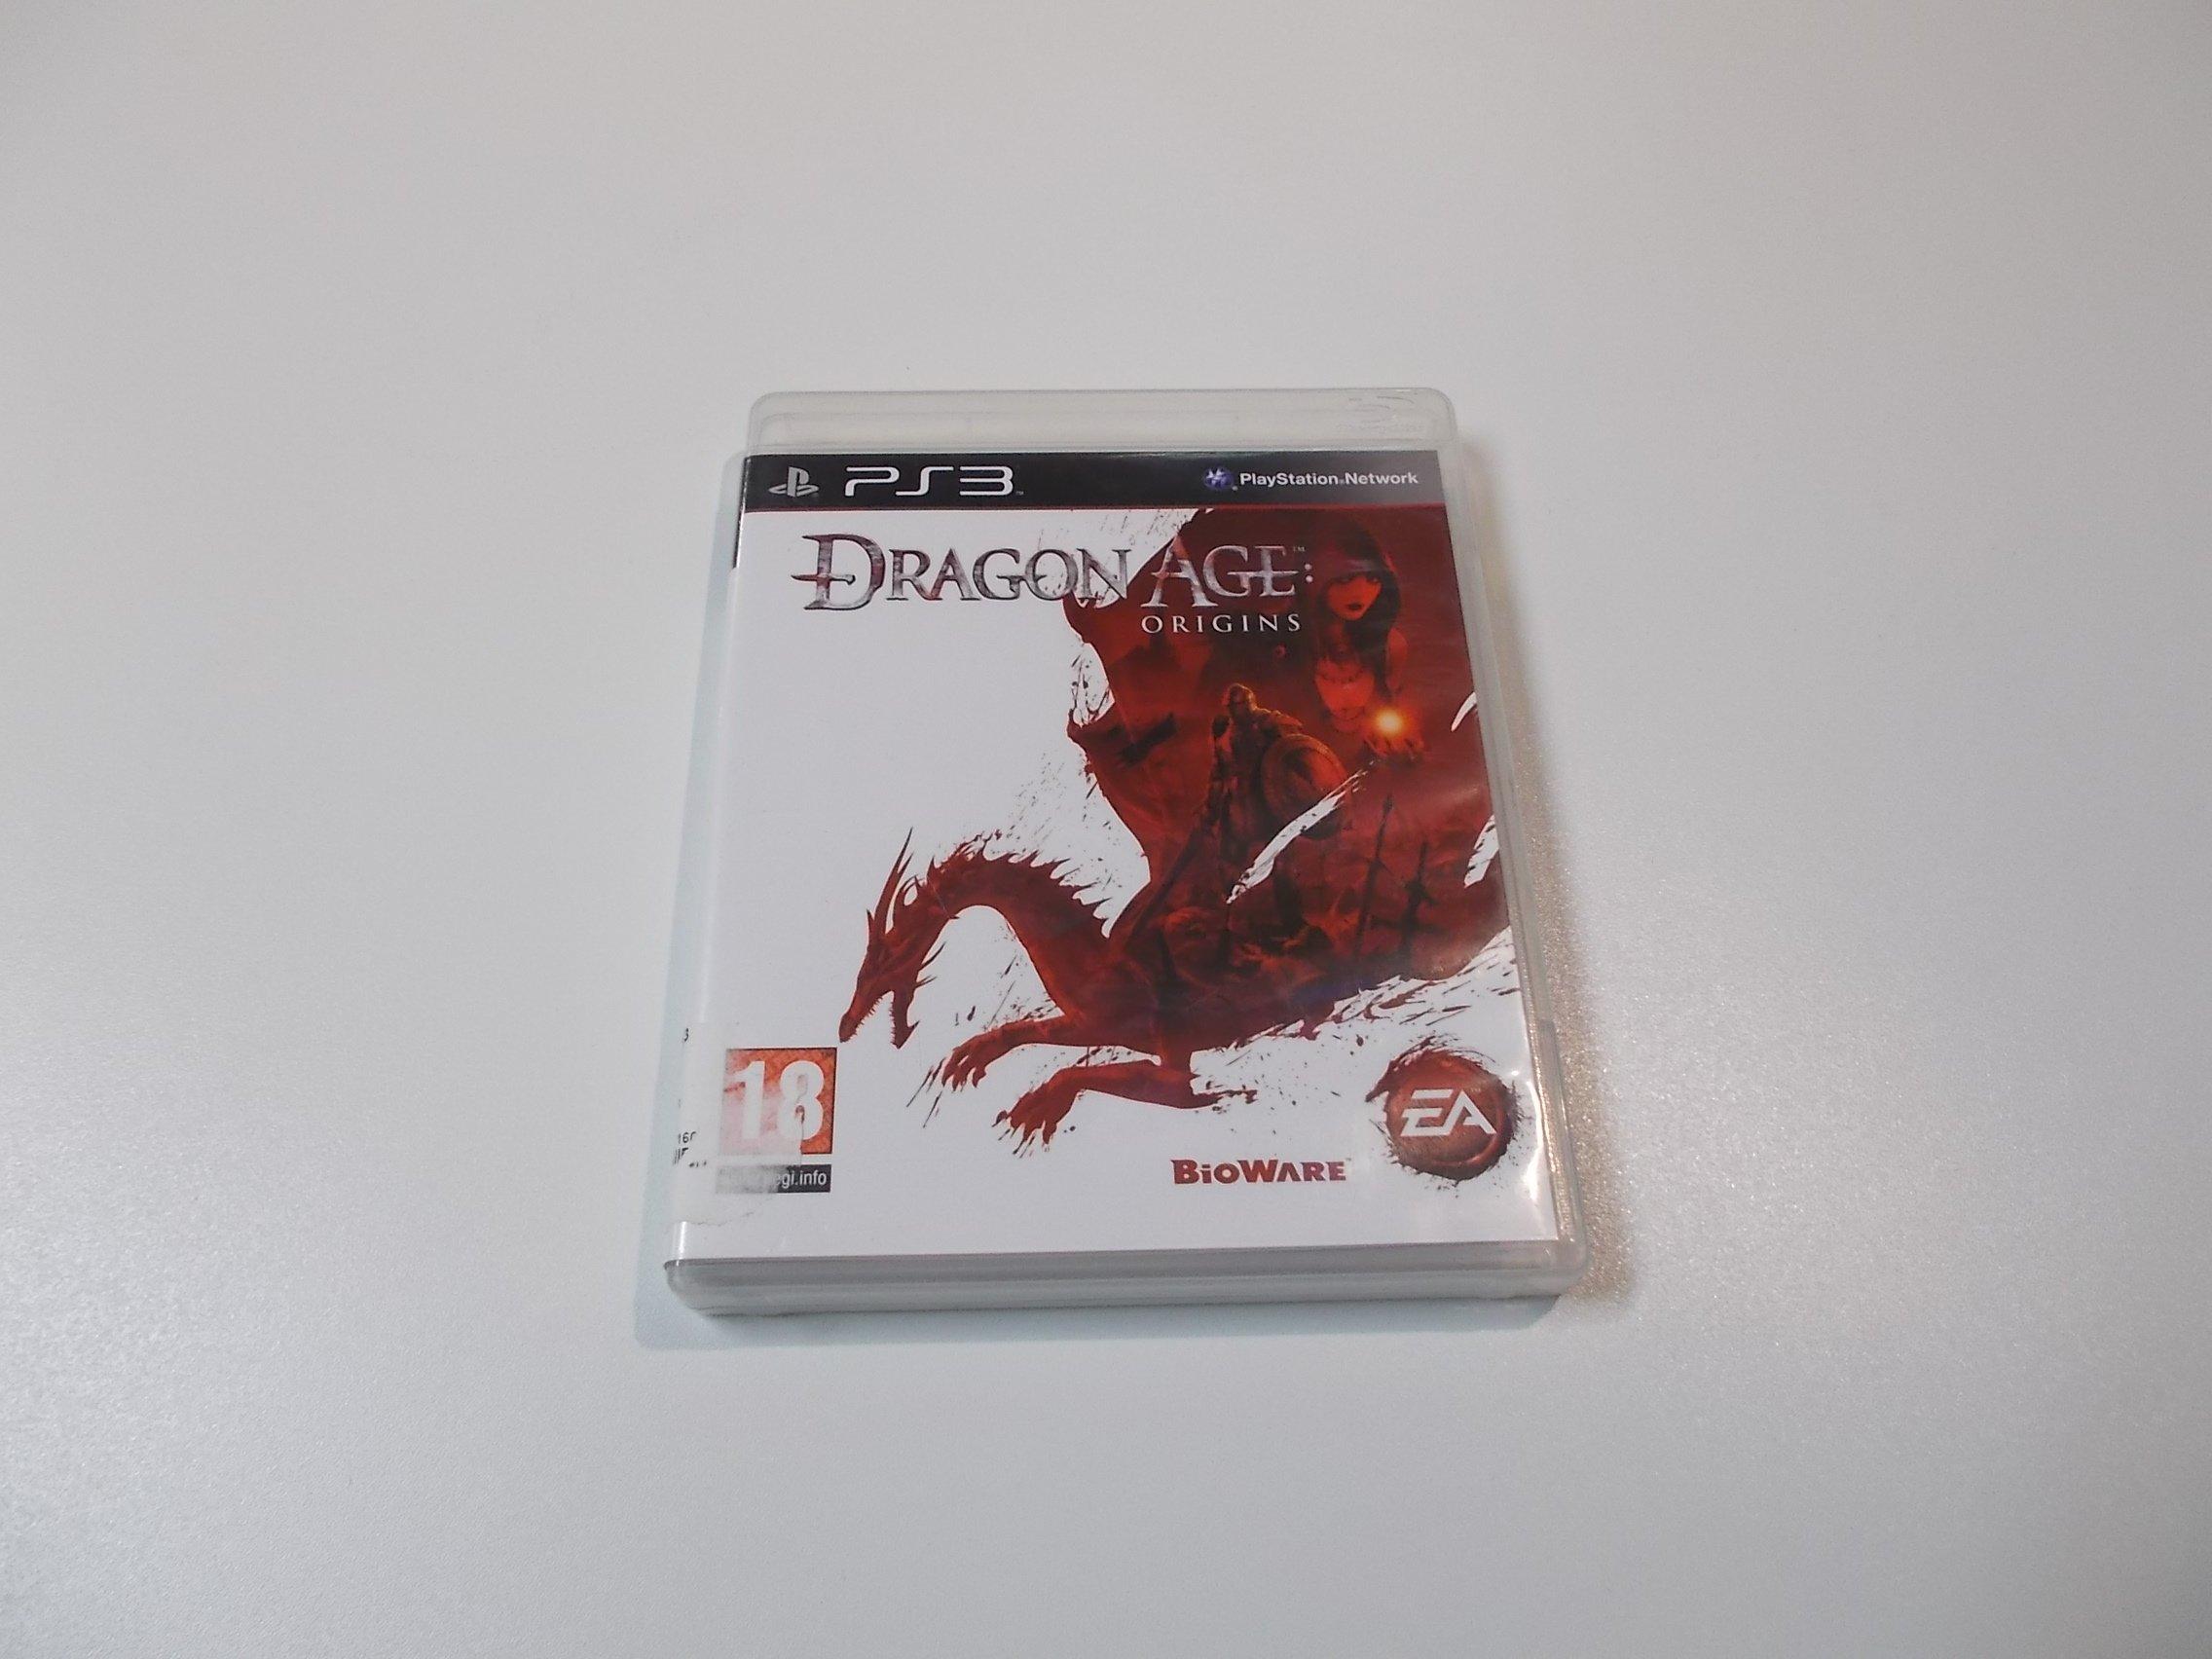 Dragon Age Origins - GRA Ps3 - Opole 0412